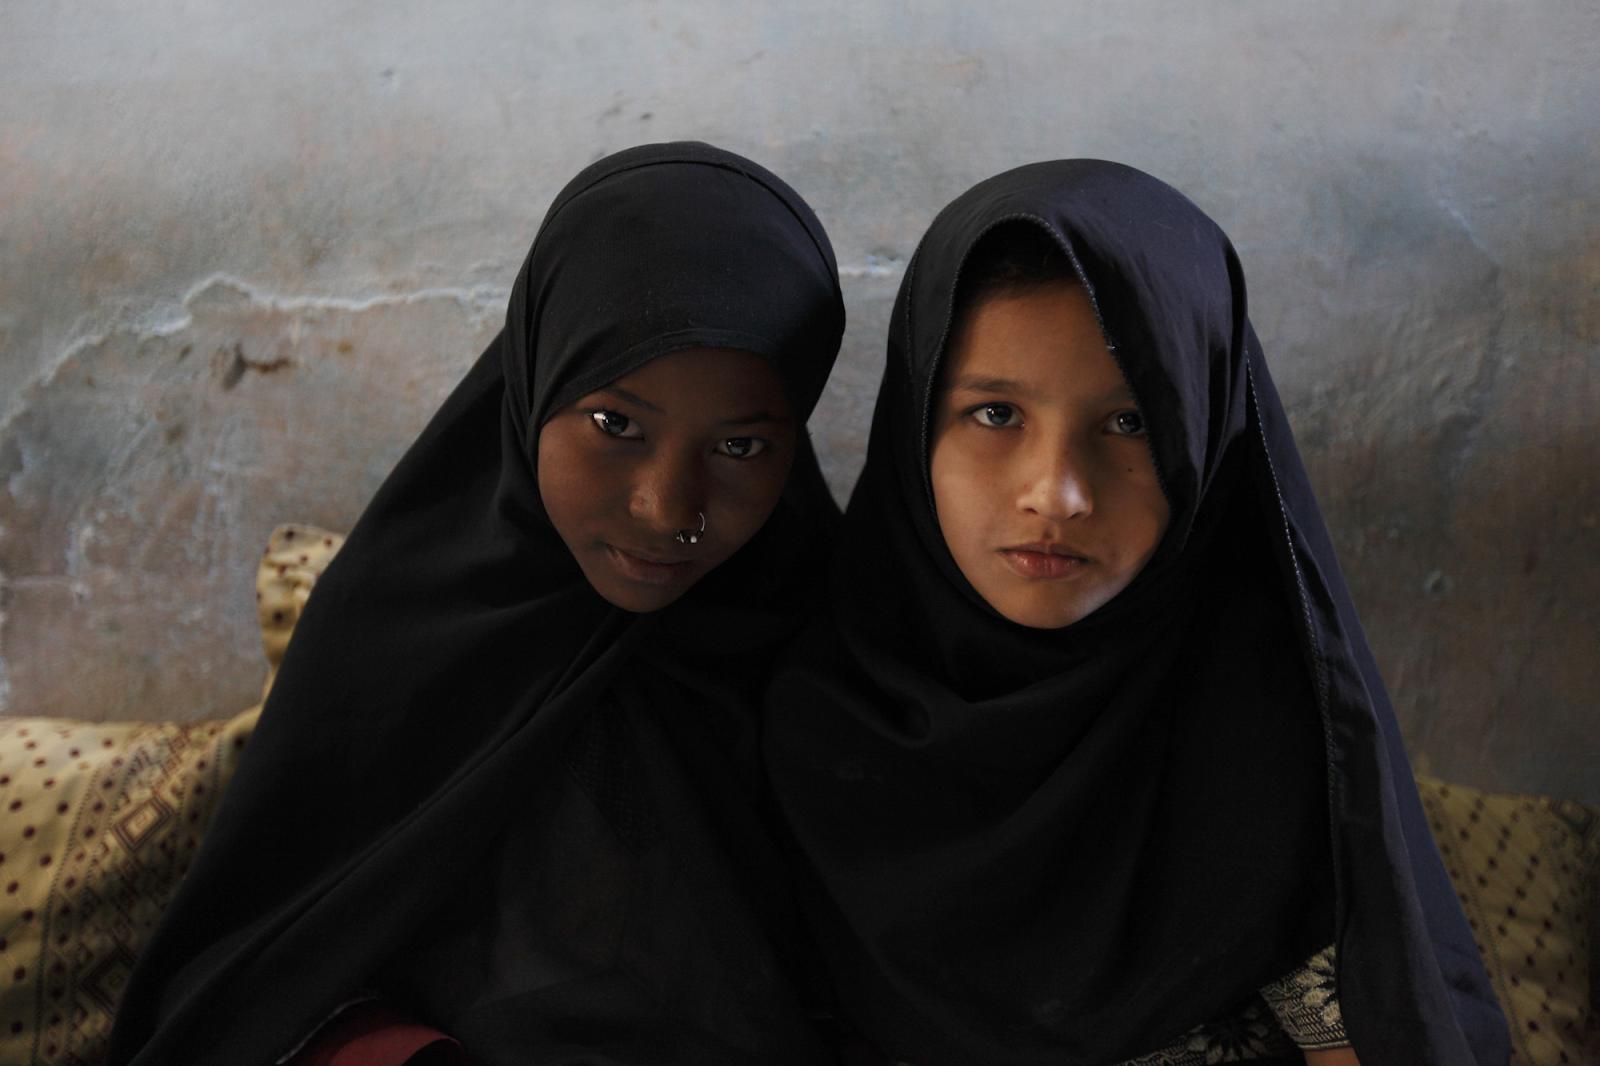 Two Sheedi girls in Karachi, Pakistan.